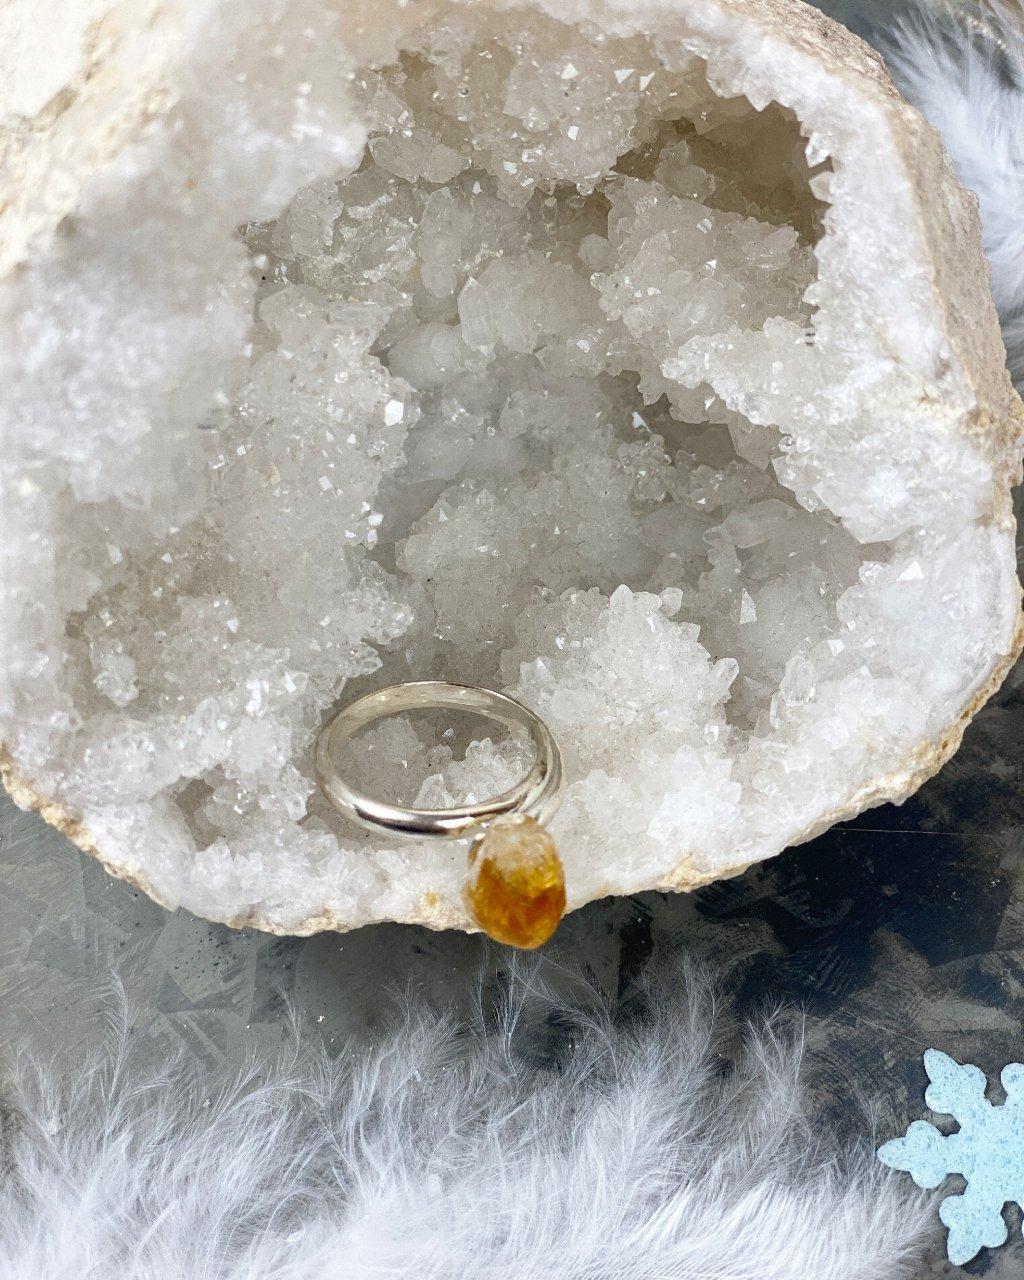 Dámský prstýnek s krystalem citrínu silver